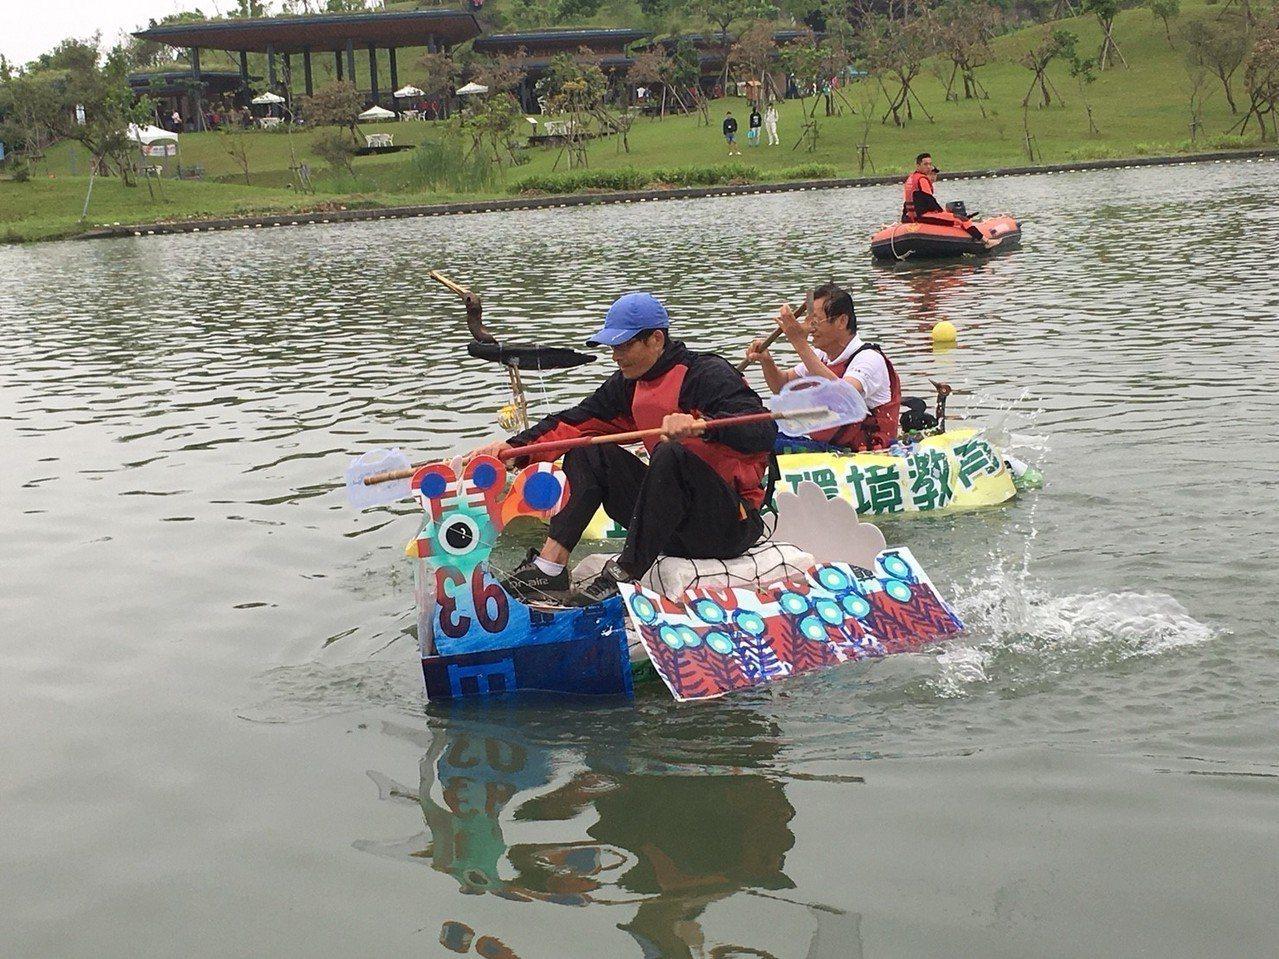 海洋垃圾打造載人的綠舟舉辦漂浮比賽,拚速度,拚人氣,拚美麗。 圖/宜蘭縣政府提供